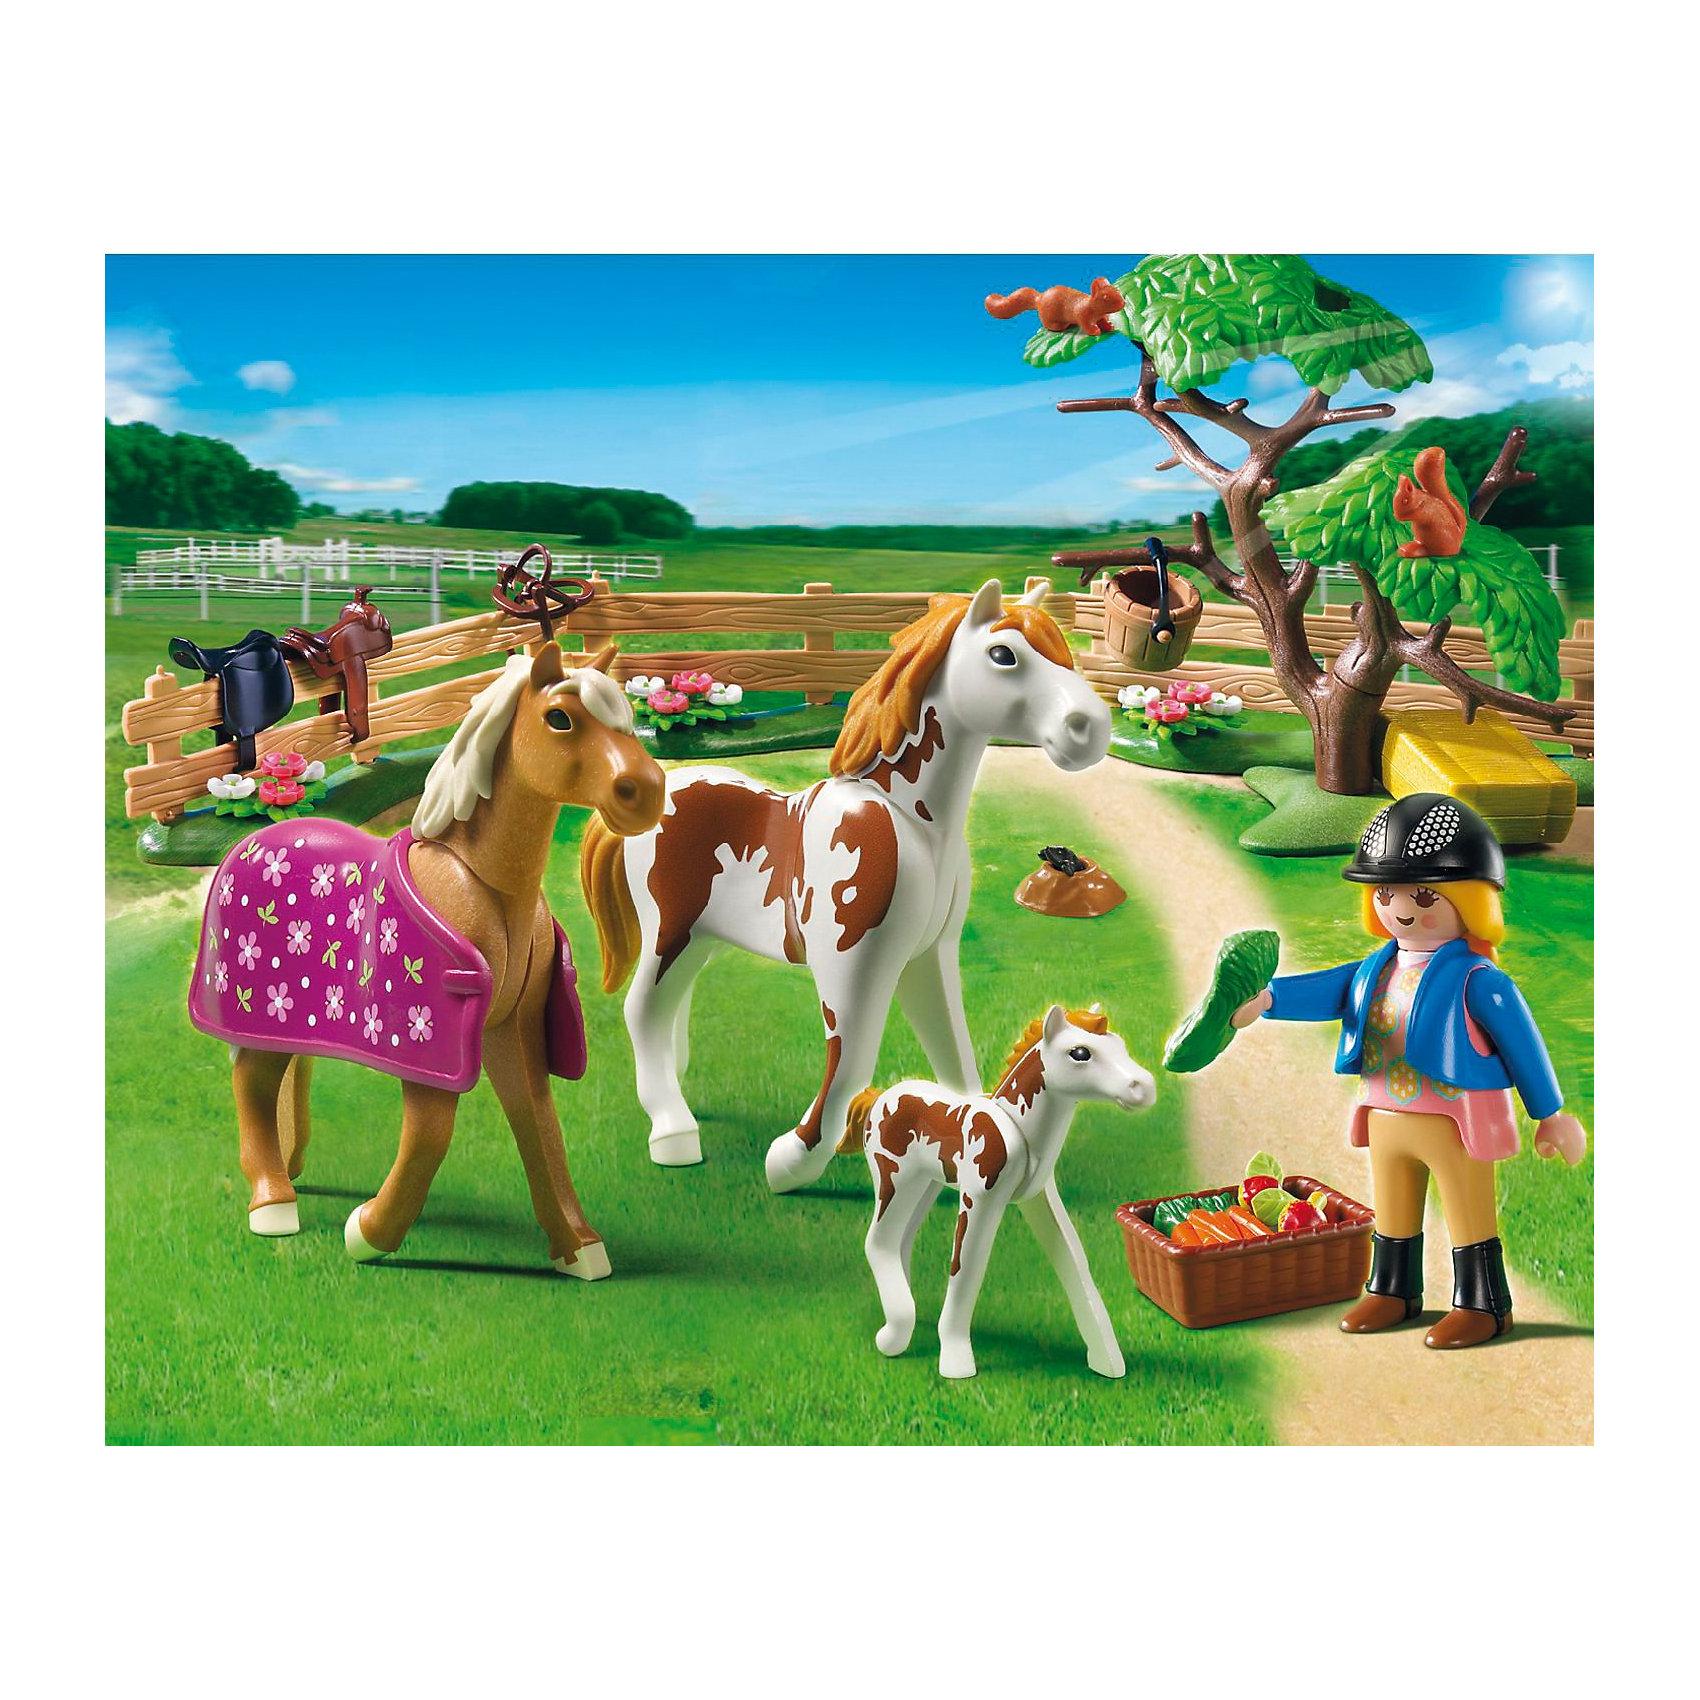 Лошади: Загон для лошадей, PLAYMOBILPLAYMOBIL 5227: Для прогулки всей лошадиной семьи лошадок и их маленького жеребенка фермеры построили загон. Теперь можно без опаски оставить малыша одного. Наездница приносит лошадкам овощи и фрукты. Также в наборе Плеймобил 5227 есть все необходимое для ухода за животными, и раскидистое дерево для создания пейзажа. В наборе три фигурки лошадок, фермер, элементы забора, корзинка с овощами, дерево и другие детали. Всего в наборе 50 деталей.  Фигурка человека может  нагибаться, двигать руки и голову. <br>В комплект входит: две лошадки, одна пони, одна фигурка человека, дерево, две белочки, норка с кротом, сено, овощи и фрукты для еды лошадкам.<br><br>Состав:<br><br>Люди:<br>Женщина<br><br>Зверушки:<br>Лошадь пегая, жеребенок пегий, конь, 2 белки.<br><br>Аксессуары:<br><br>Дерево, попона, 3 элемента забора, кадушка, корзина, брикет с сеном, морковь, пучок травы, яблоки.<br> <br>Дополнительная информация:<br><br>- комплект состоит из 50 деталей.<br>- материал: высококачественная пластмасса. <br>- размер фигурки человека:  7,5 см. (высота)<br>- размеры коробки: 25х20х7,5 см.<br>- вес 0,324 кг.<br><br>Загон для лошадей от PLAYMOBIL можно купить в нашем интернет-магазине.<br><br>Ширина мм: 257<br>Глубина мм: 202<br>Высота мм: 82<br>Вес г: 316<br>Возраст от месяцев: 60<br>Возраст до месяцев: 120<br>Пол: Женский<br>Возраст: Детский<br>SKU: 2382701